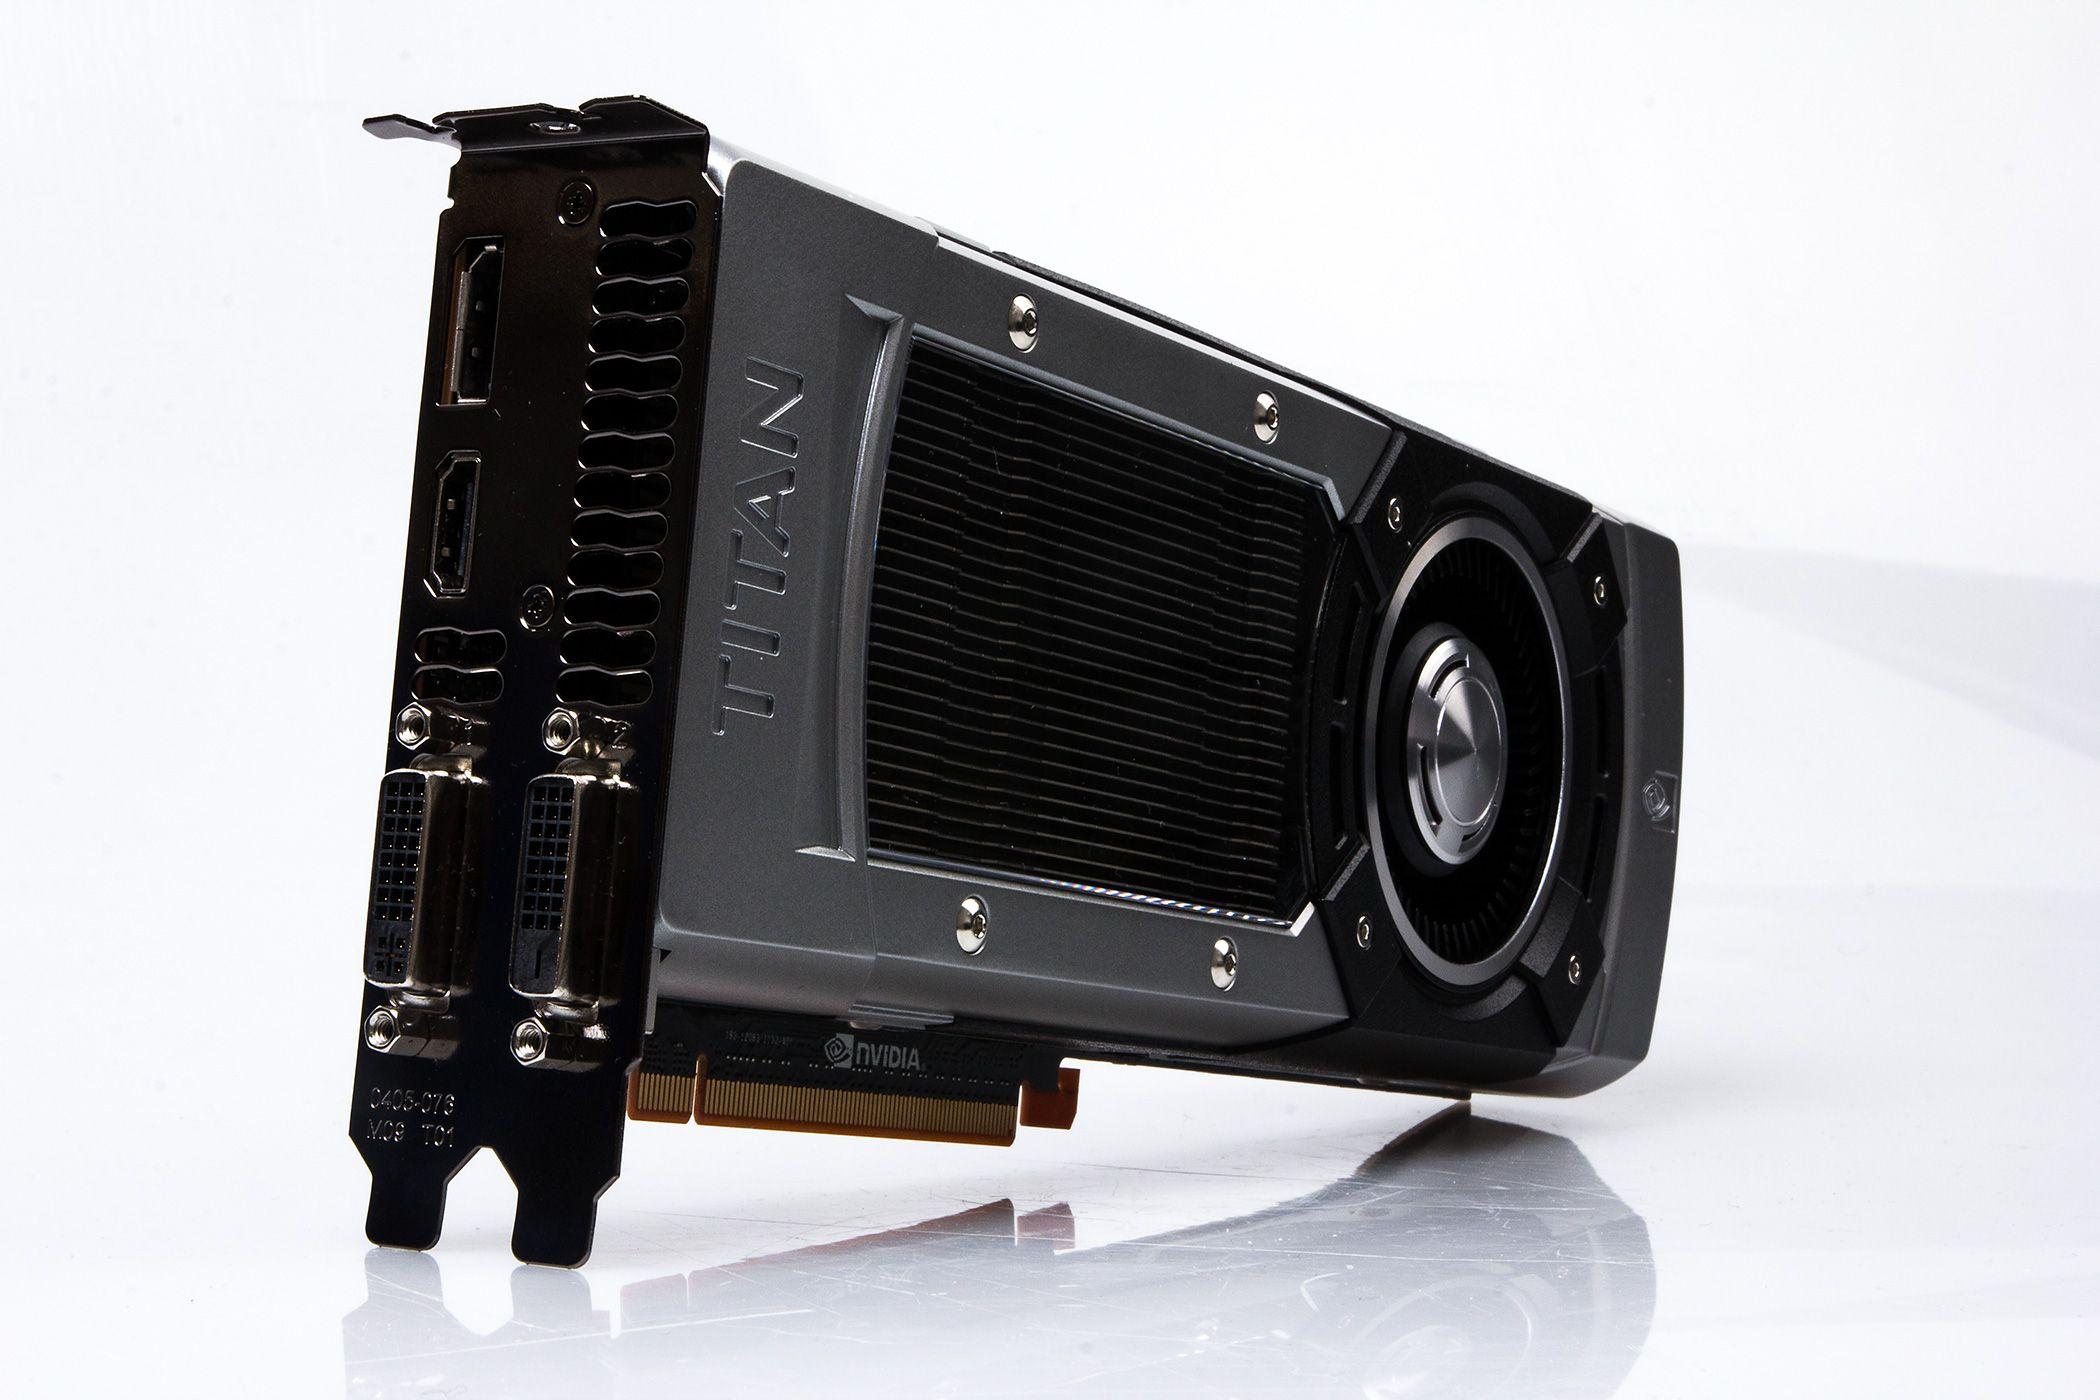 Vi har igjen latt oss imponere av GTX Titan, Nvidias nyeste flaggskip.Foto: Varg Aamo, hardware.no